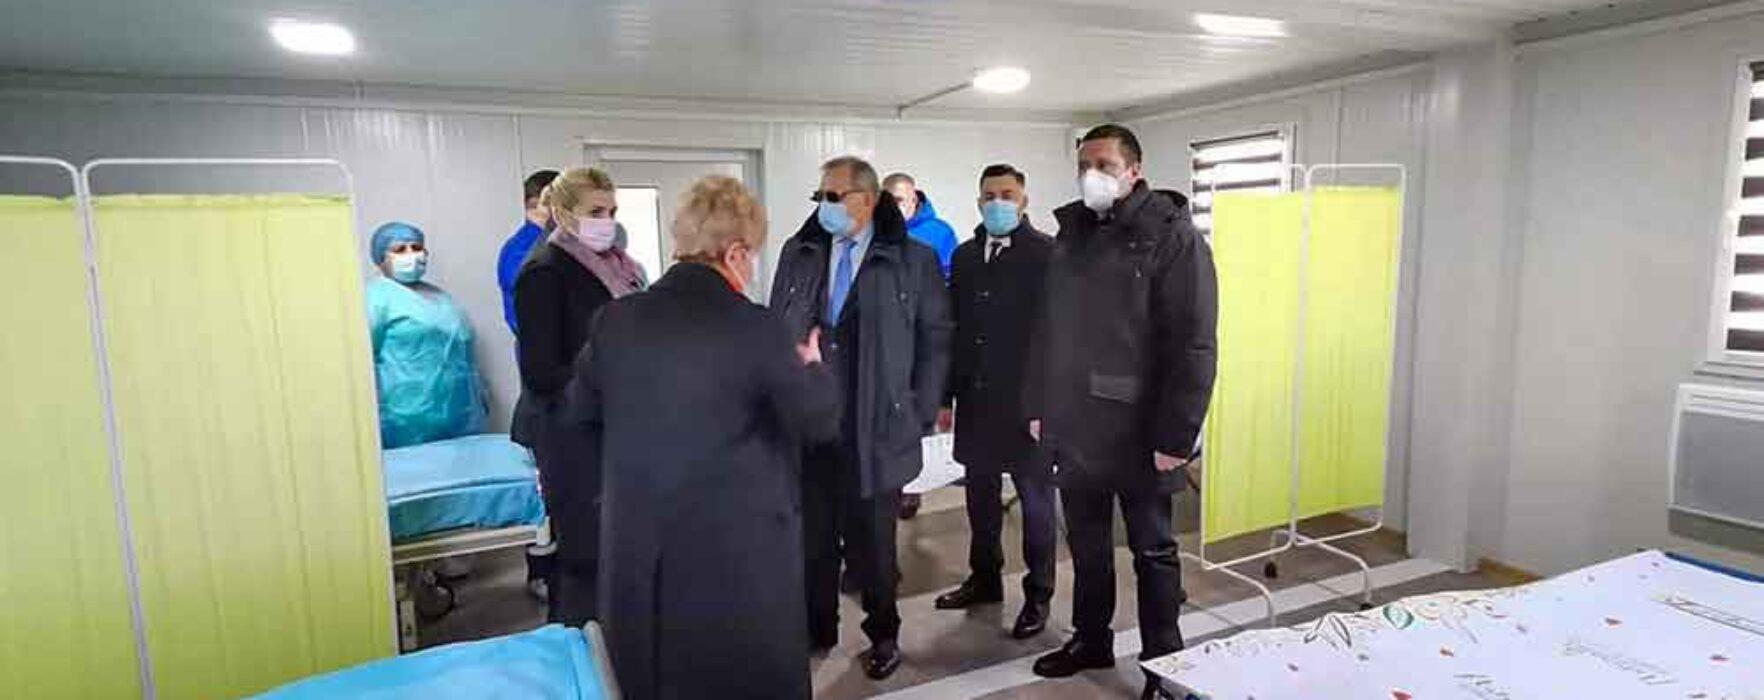 Dâmboviţa: Spitalul Moreni dotat cu containere pentru triaj, unele ar putea fi folosite drept centre de vaccinare